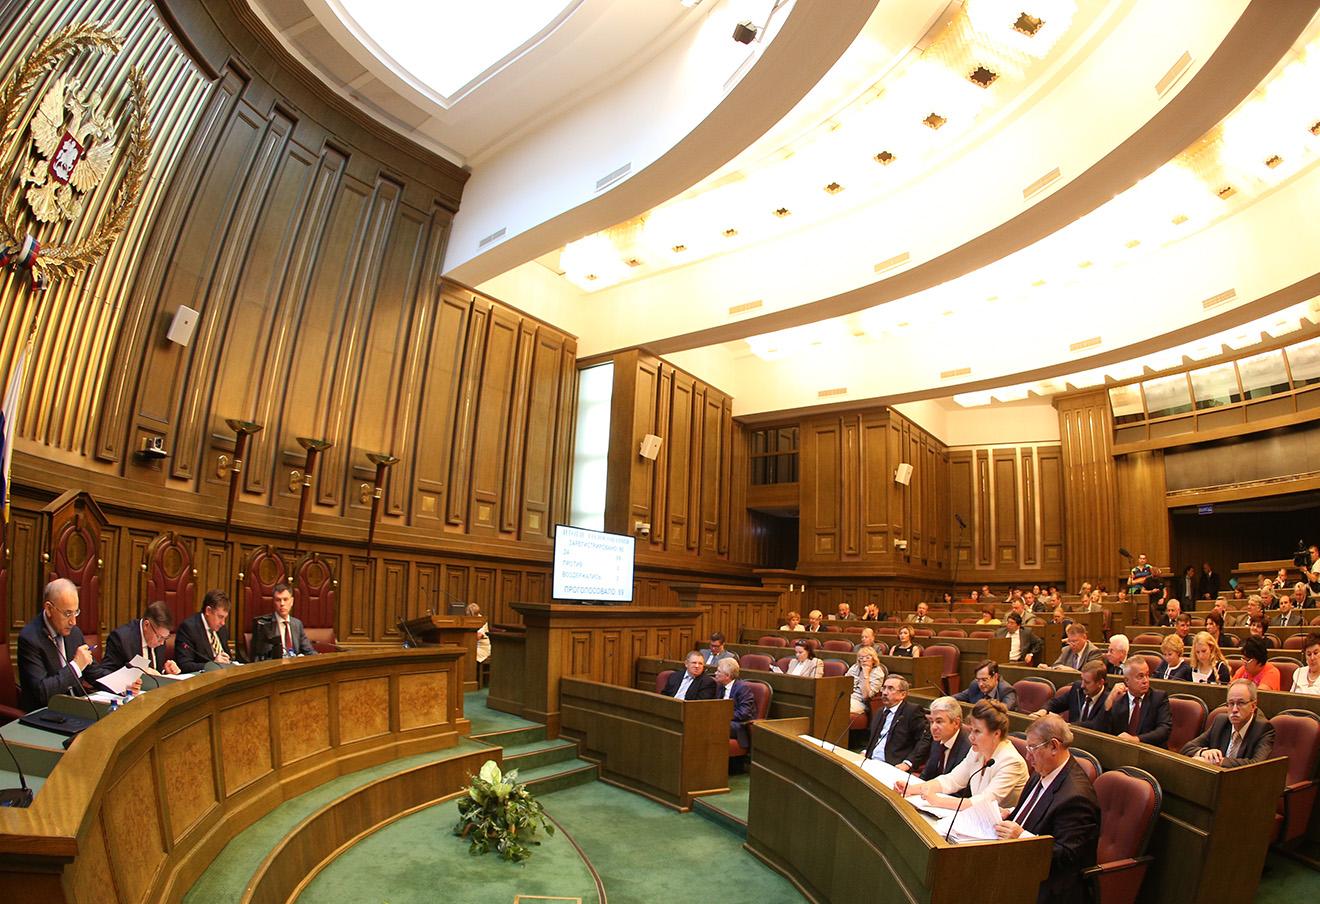 Во время заседания пленума Верховного суда РФ. Фото: Артем Коротаев / ТАСС